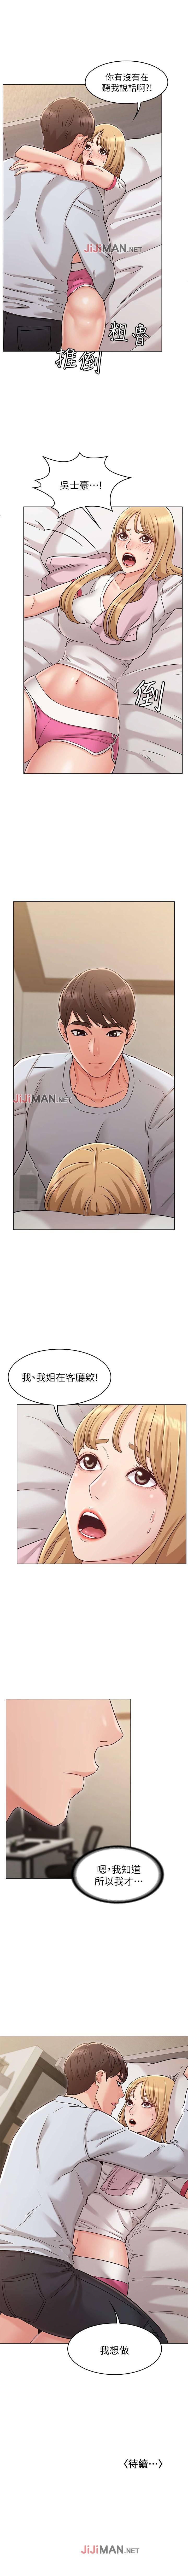 【周六连载】女友的姐姐(作者:橡果人&獵狗) 第1~23话 176